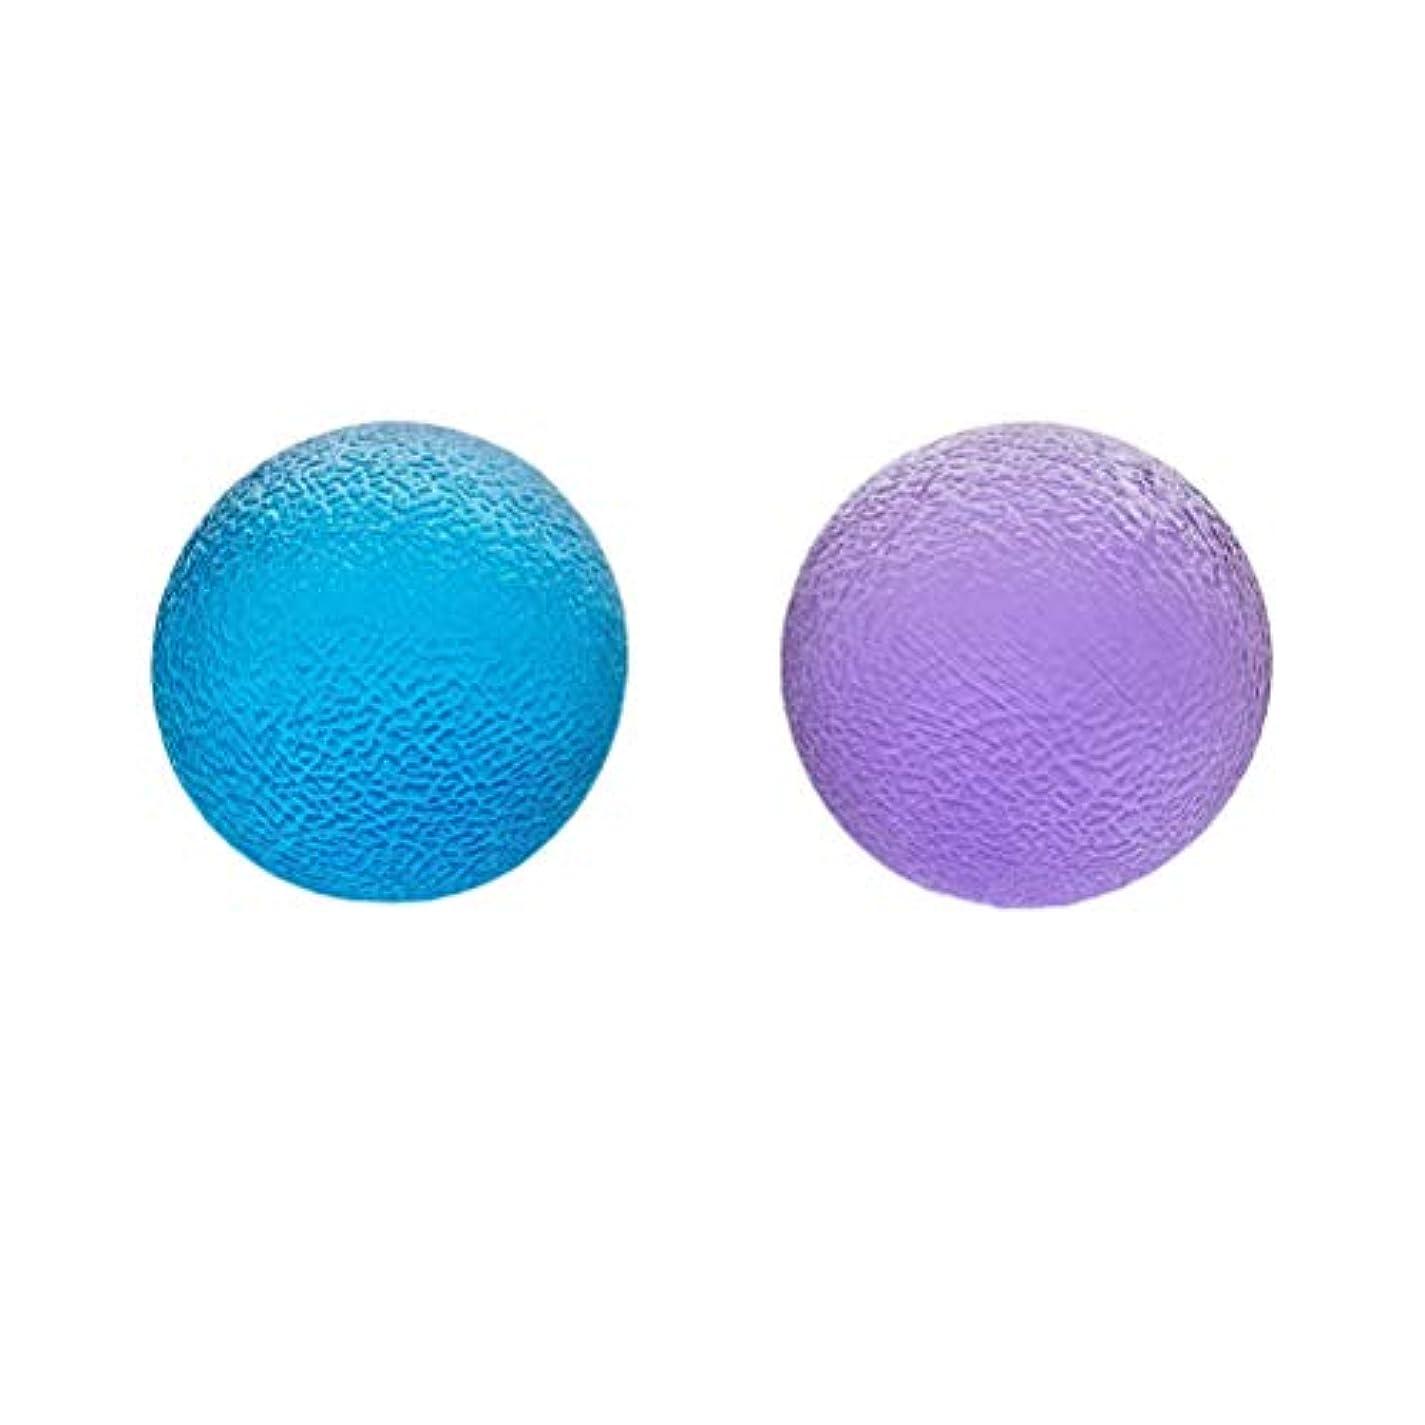 サーバシャッフル台風Healifty ハンドストレスボールセラピーボールストレス解消のためにハンドグリップボールを絞る関節炎の痛みを軽減するセラピー強化治療2個(青と紫)